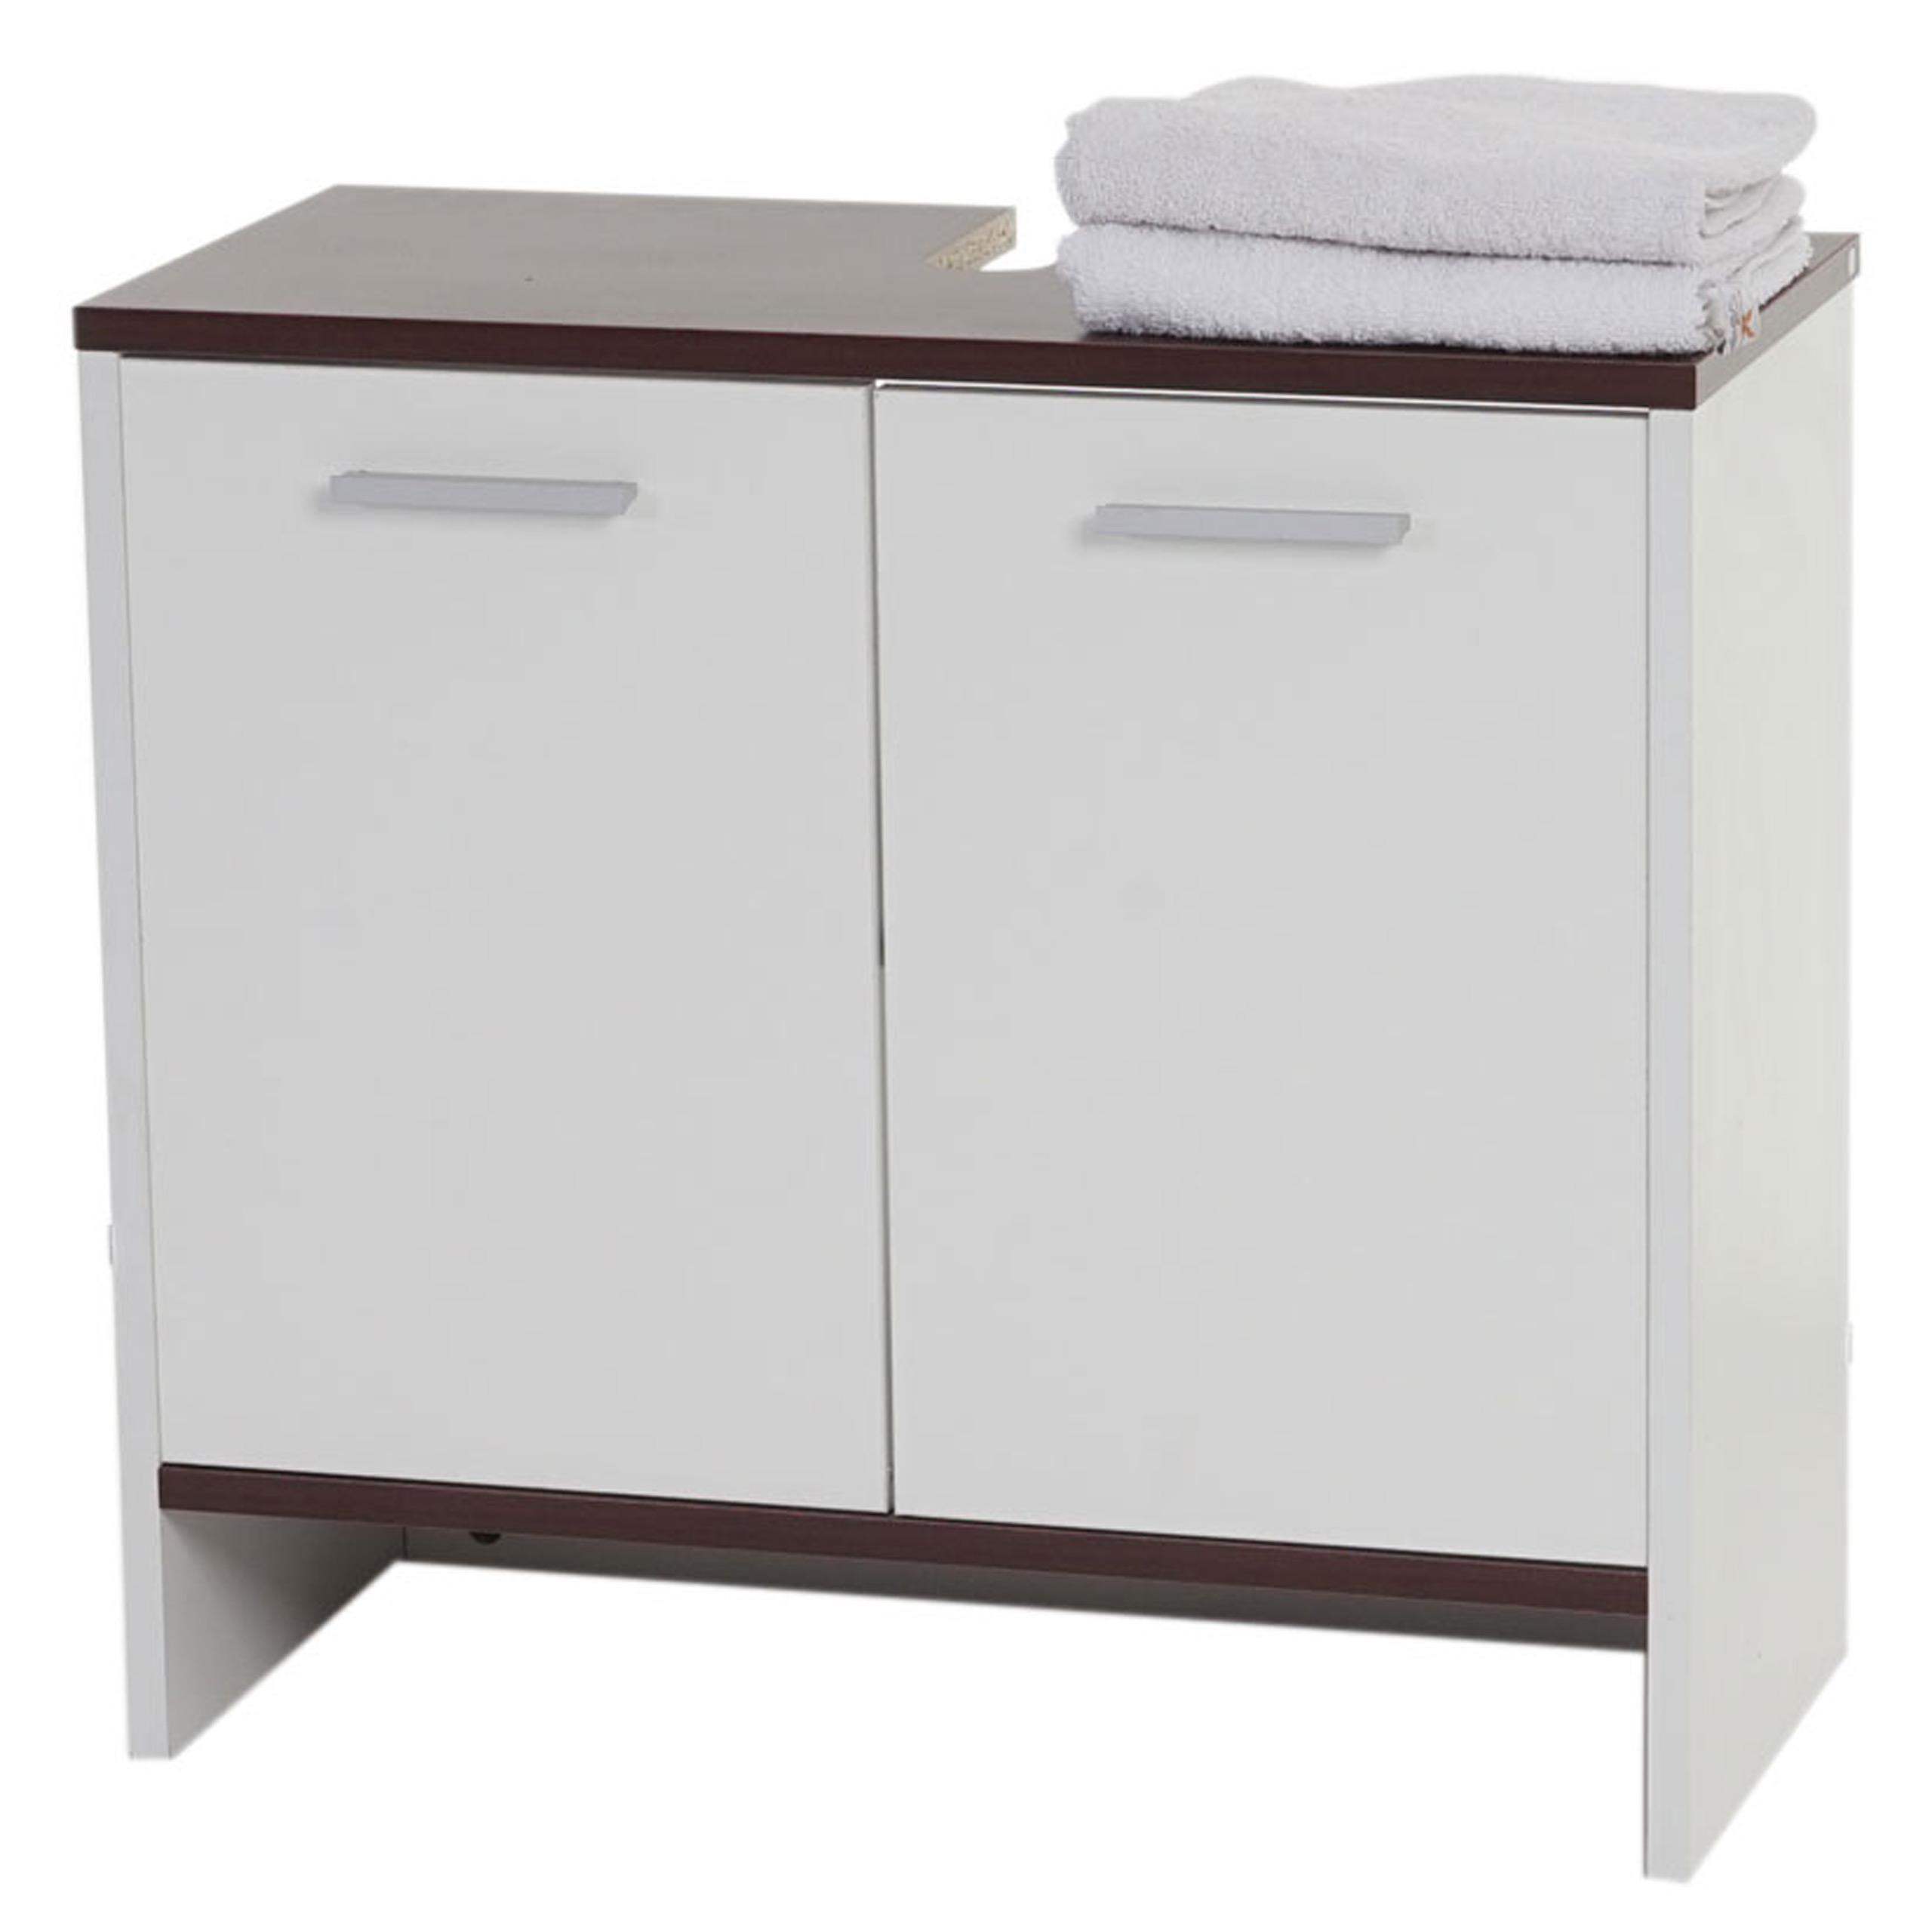 Arredo bagno serie arezzo sottolavabo 56x60x28cm legno for Arredo bagno bianco